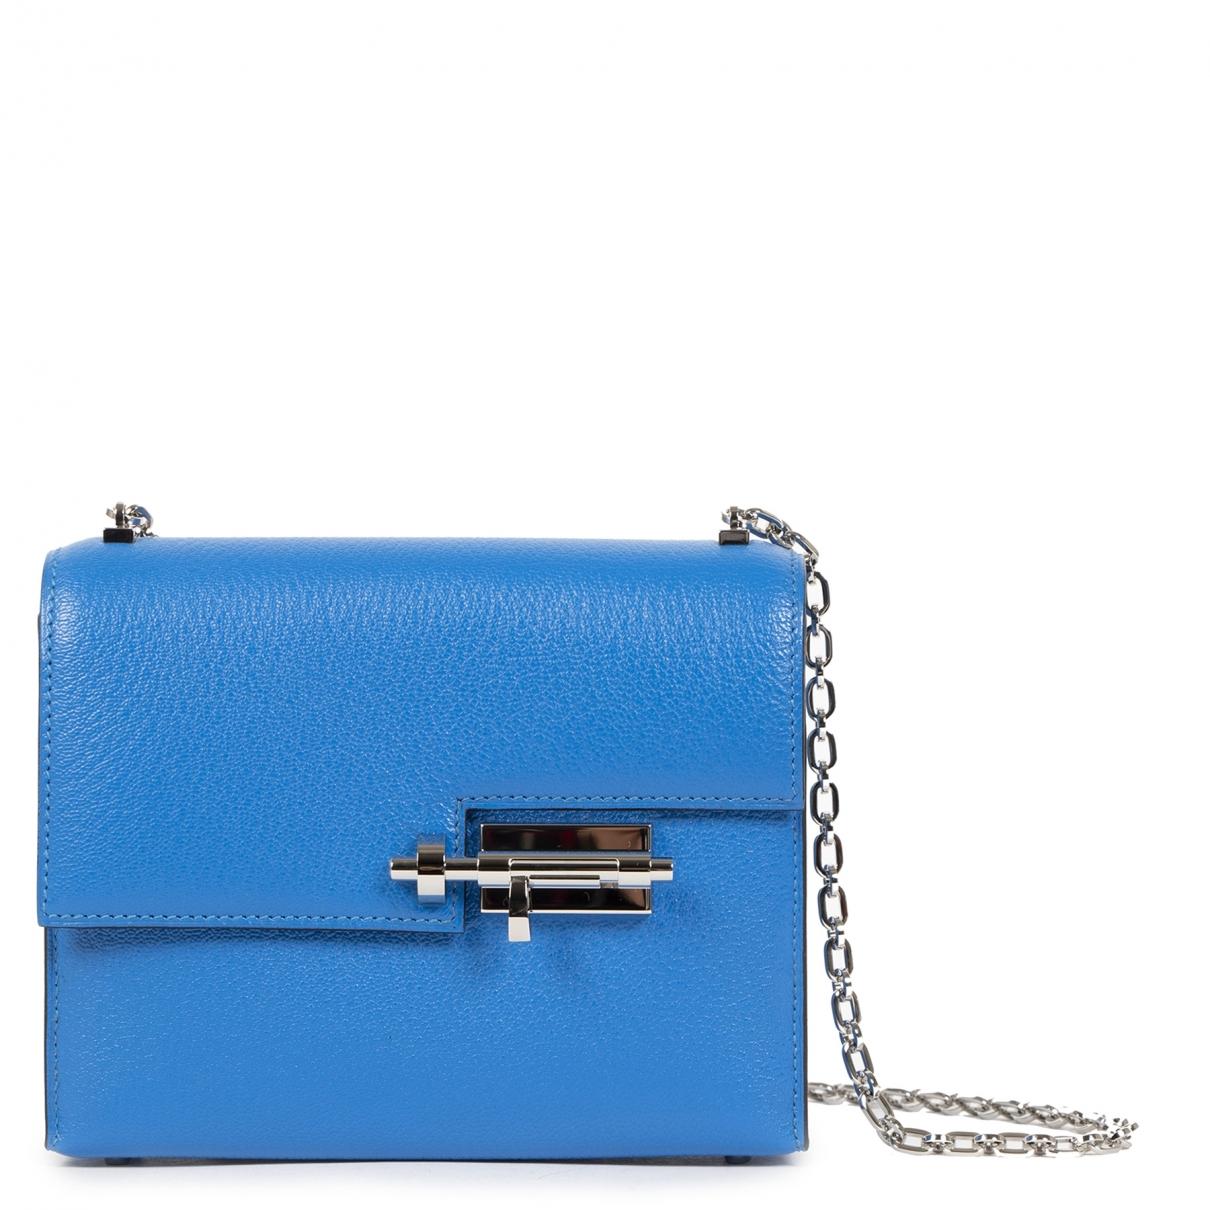 Hermes - Sac a main Verrou Mini pour femme en cuir - bleu